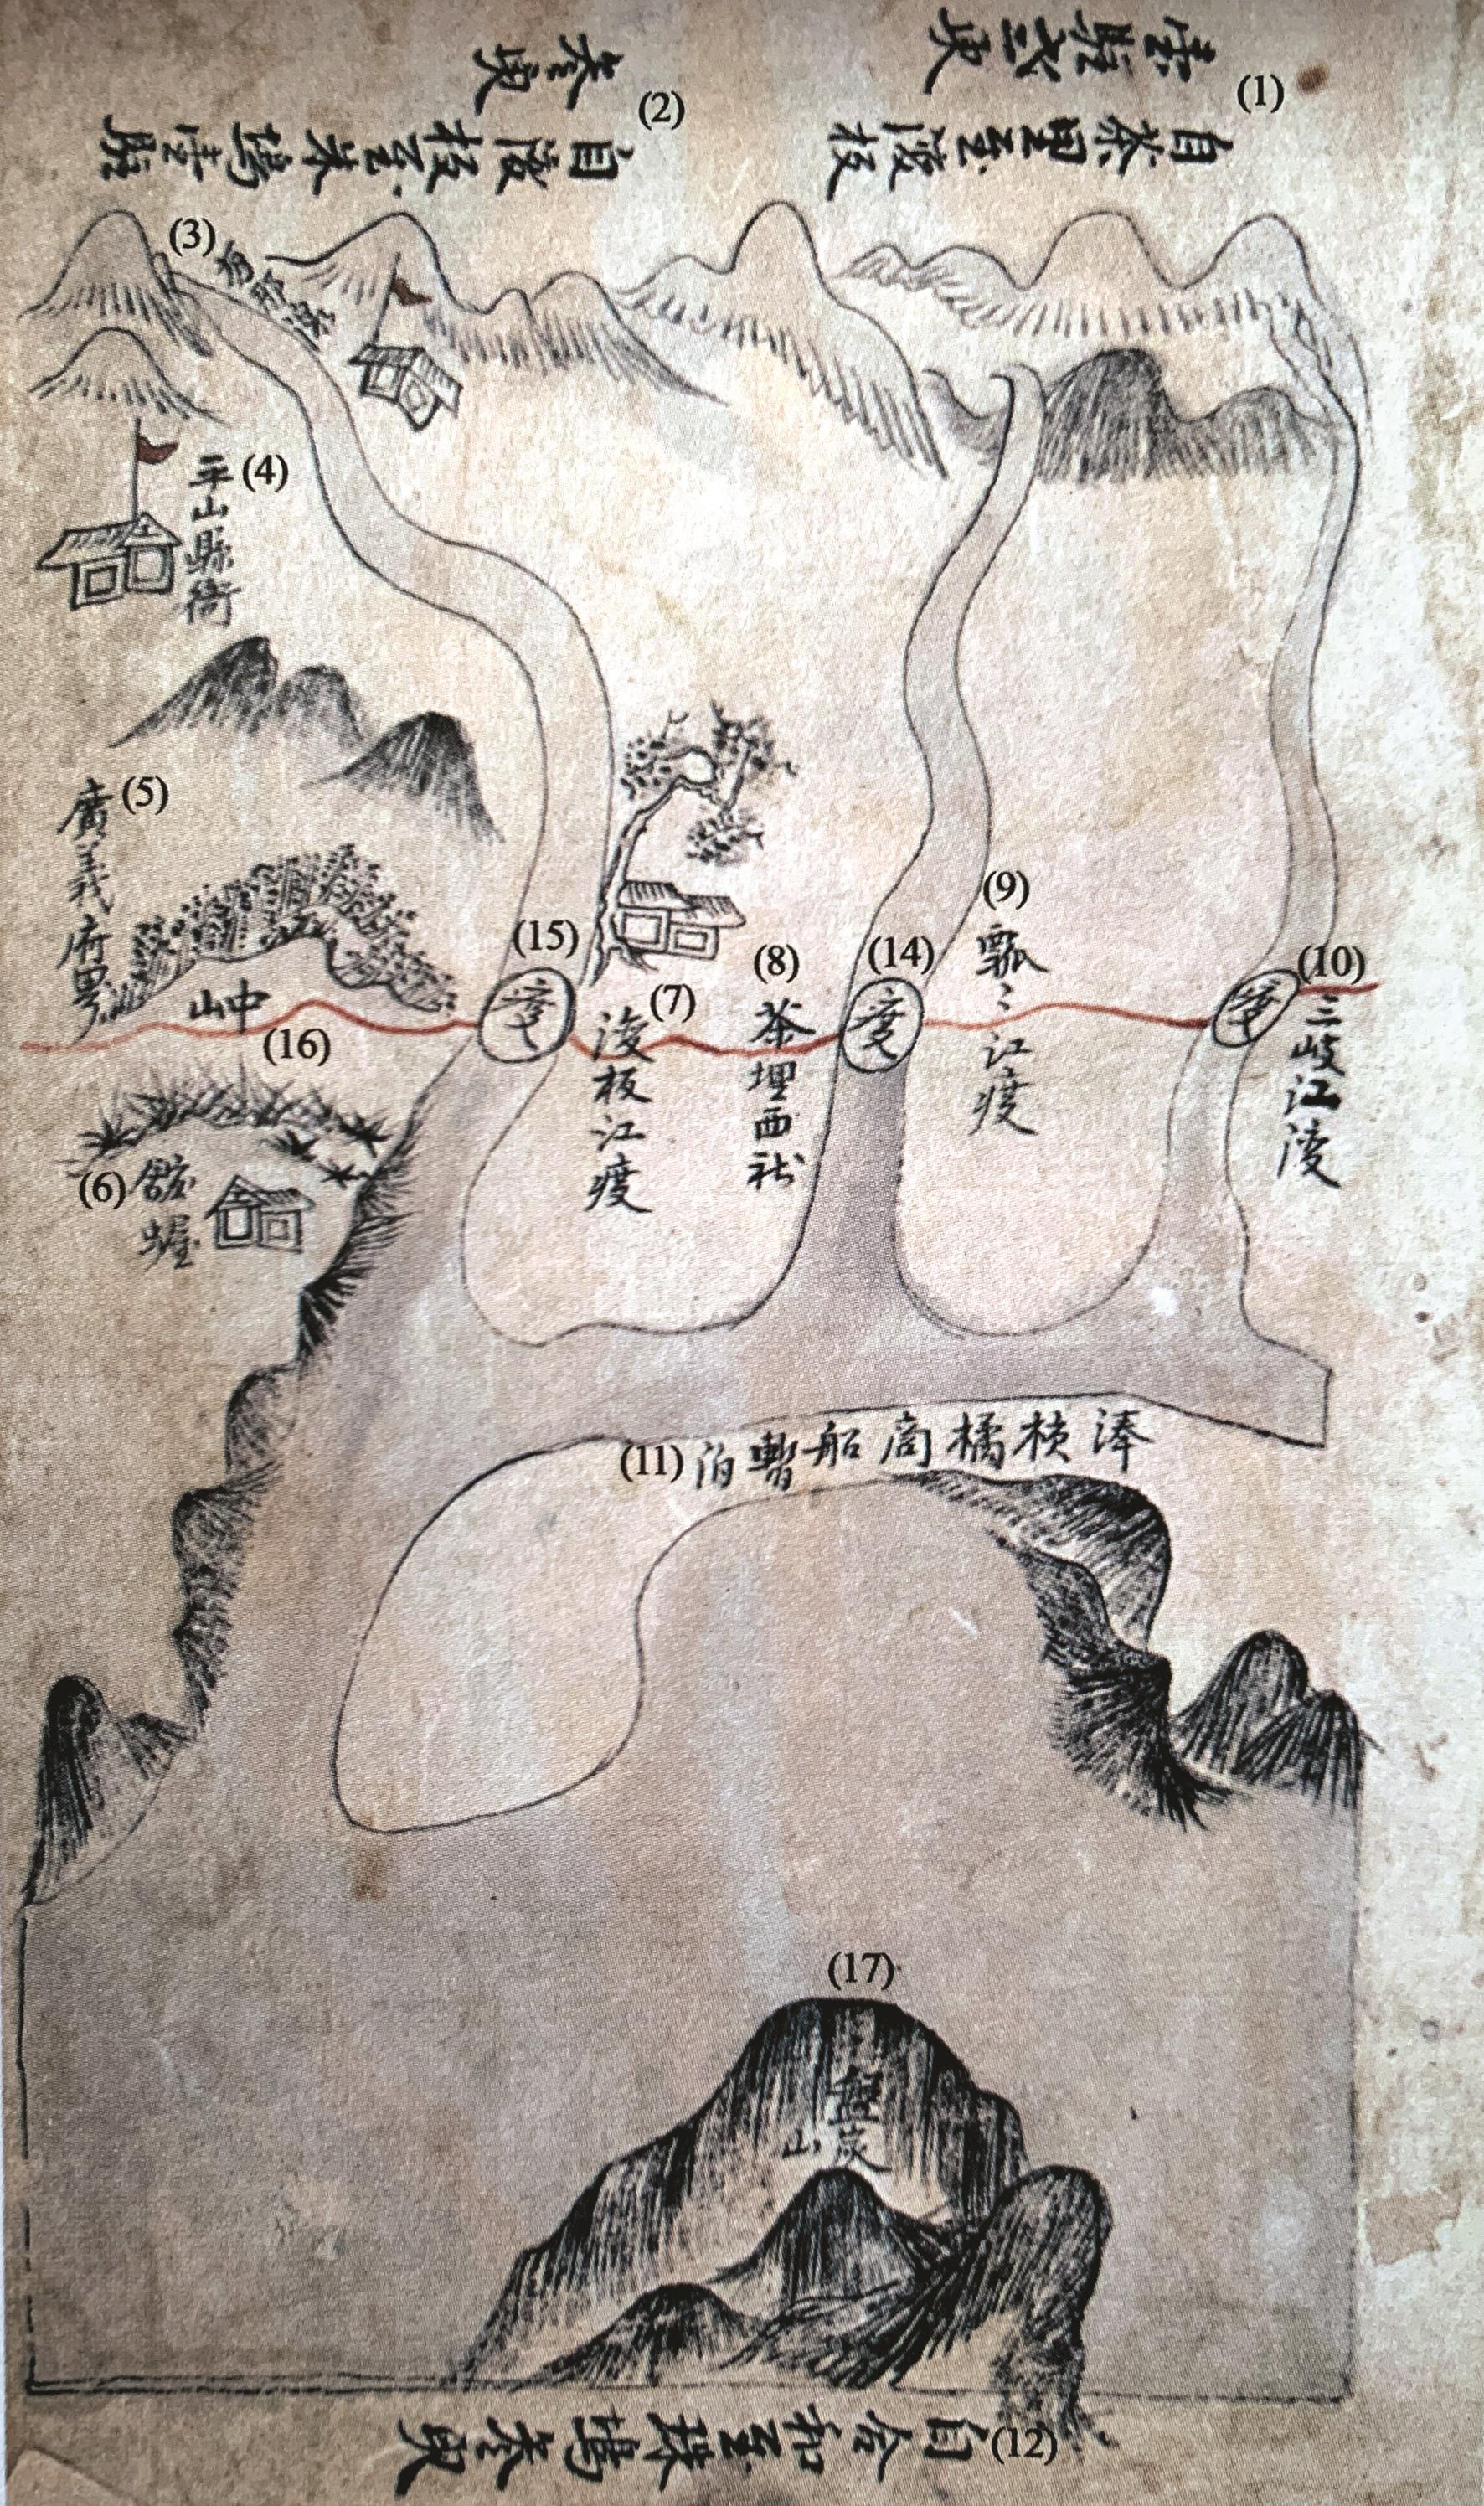 Bản đồ QN-ĐN trong sách Quảng Thuận đạo sử tập của Nguyễn Huy Quýnh thế kỷ 18 (phần phía bắc, có các địa danh núi Hoa Ổ, trạm Cu Đê, Chân Sảng...).